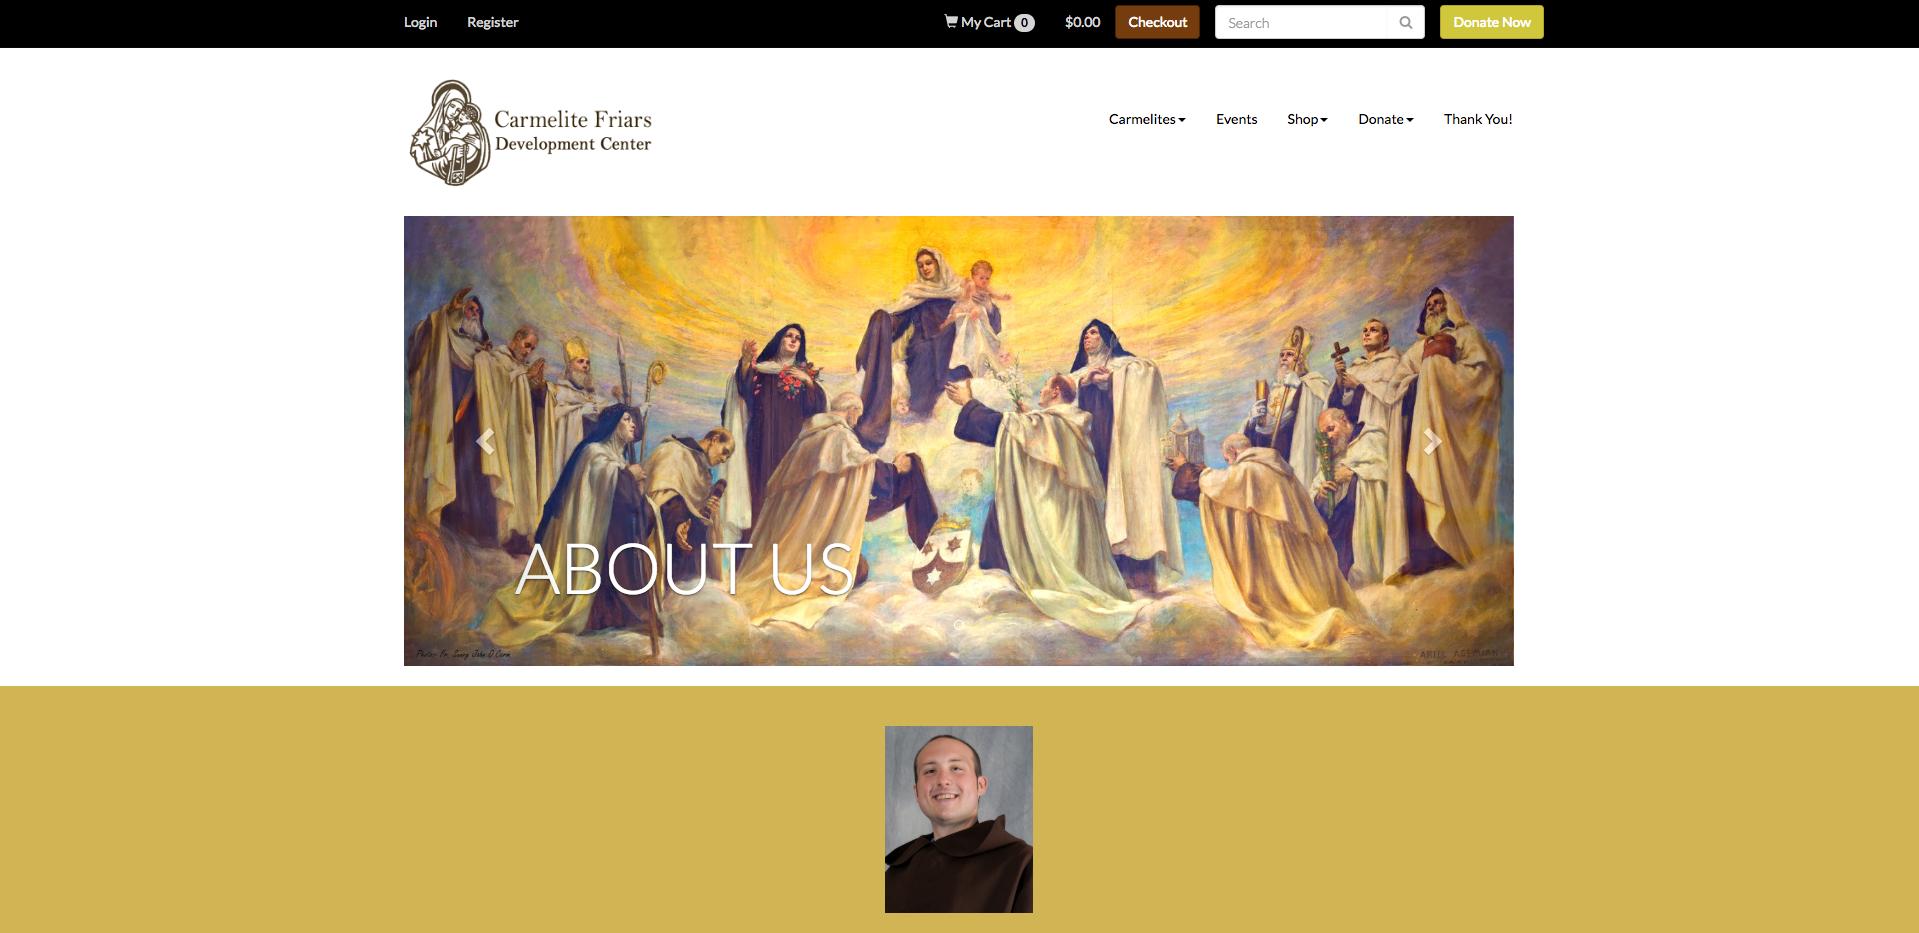 Website Design - Promotional [LINK]